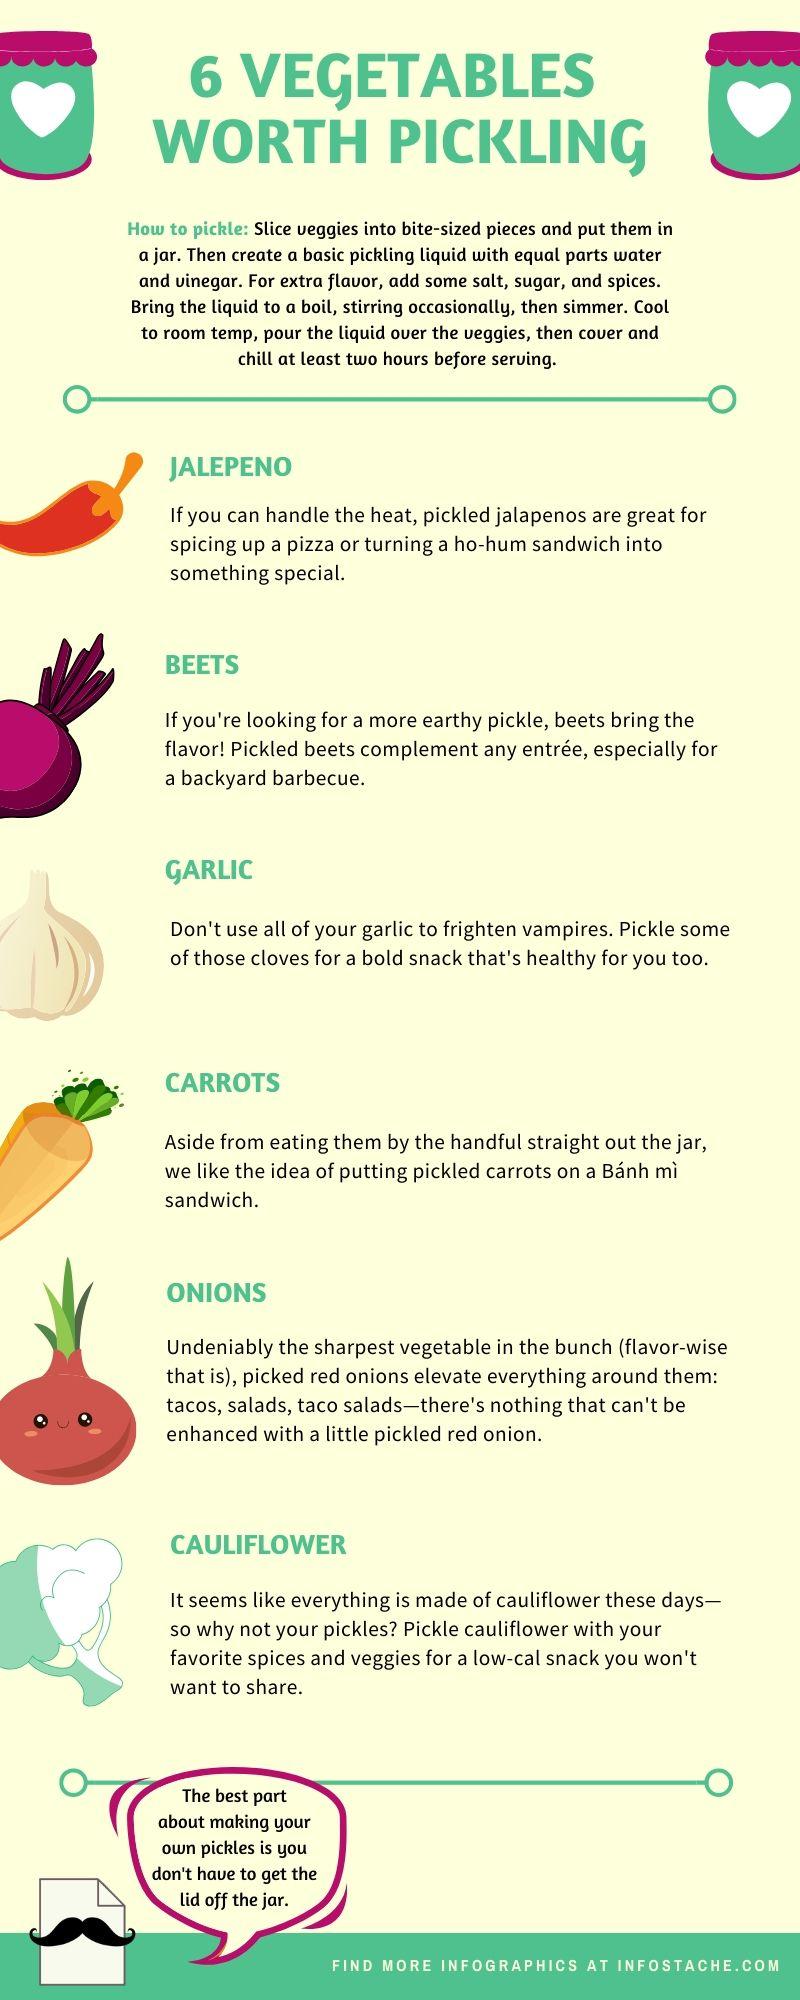 6 Vegetables Worth Pickling